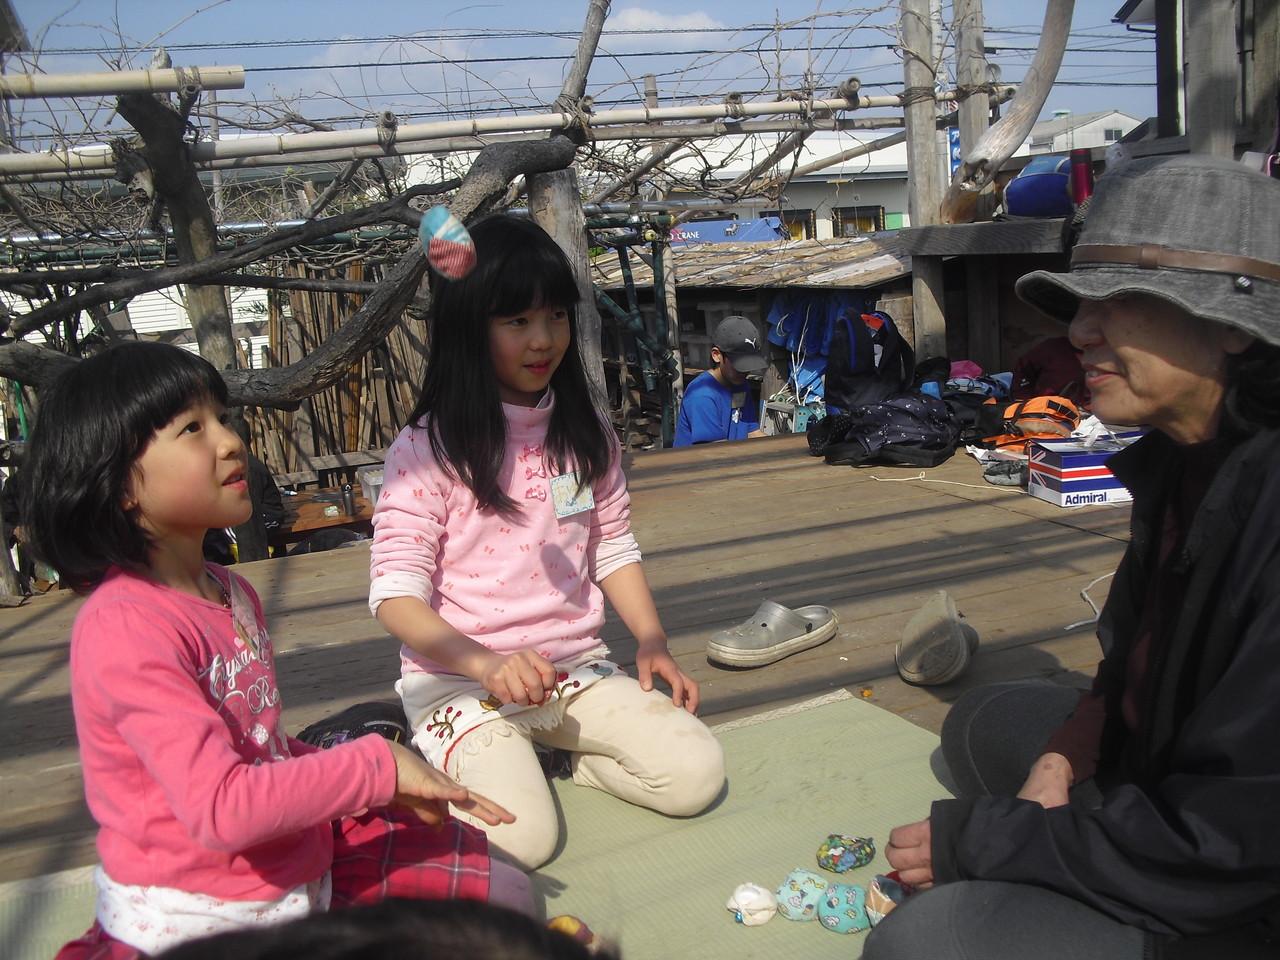 ふじっころ村では…お手玉で遊んでいます。